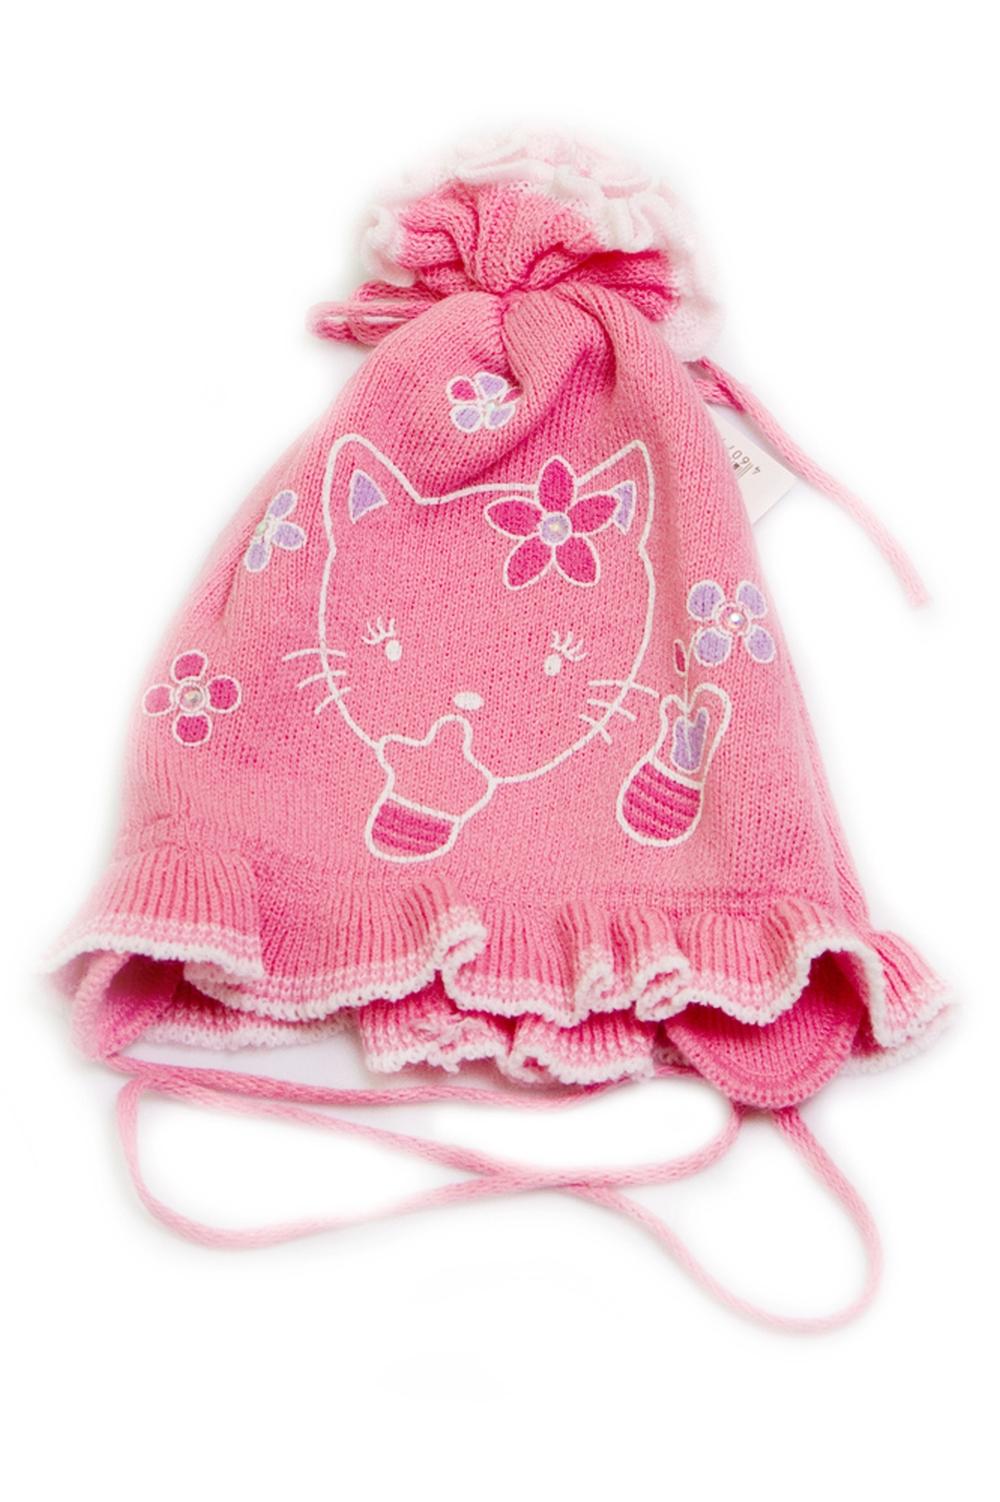 ШапкаГоловные уборы<br>Шапка для девочки защитит Вашего ребенка от непогоды и поднимет настроение.  Размер равен обхвату головы в сантиметрах.  Цвет: розовый<br><br>По сезону: Осень,Весна<br>Размер : 48-56<br>Материал: Вязаное полотно<br>Количество в наличии: 1